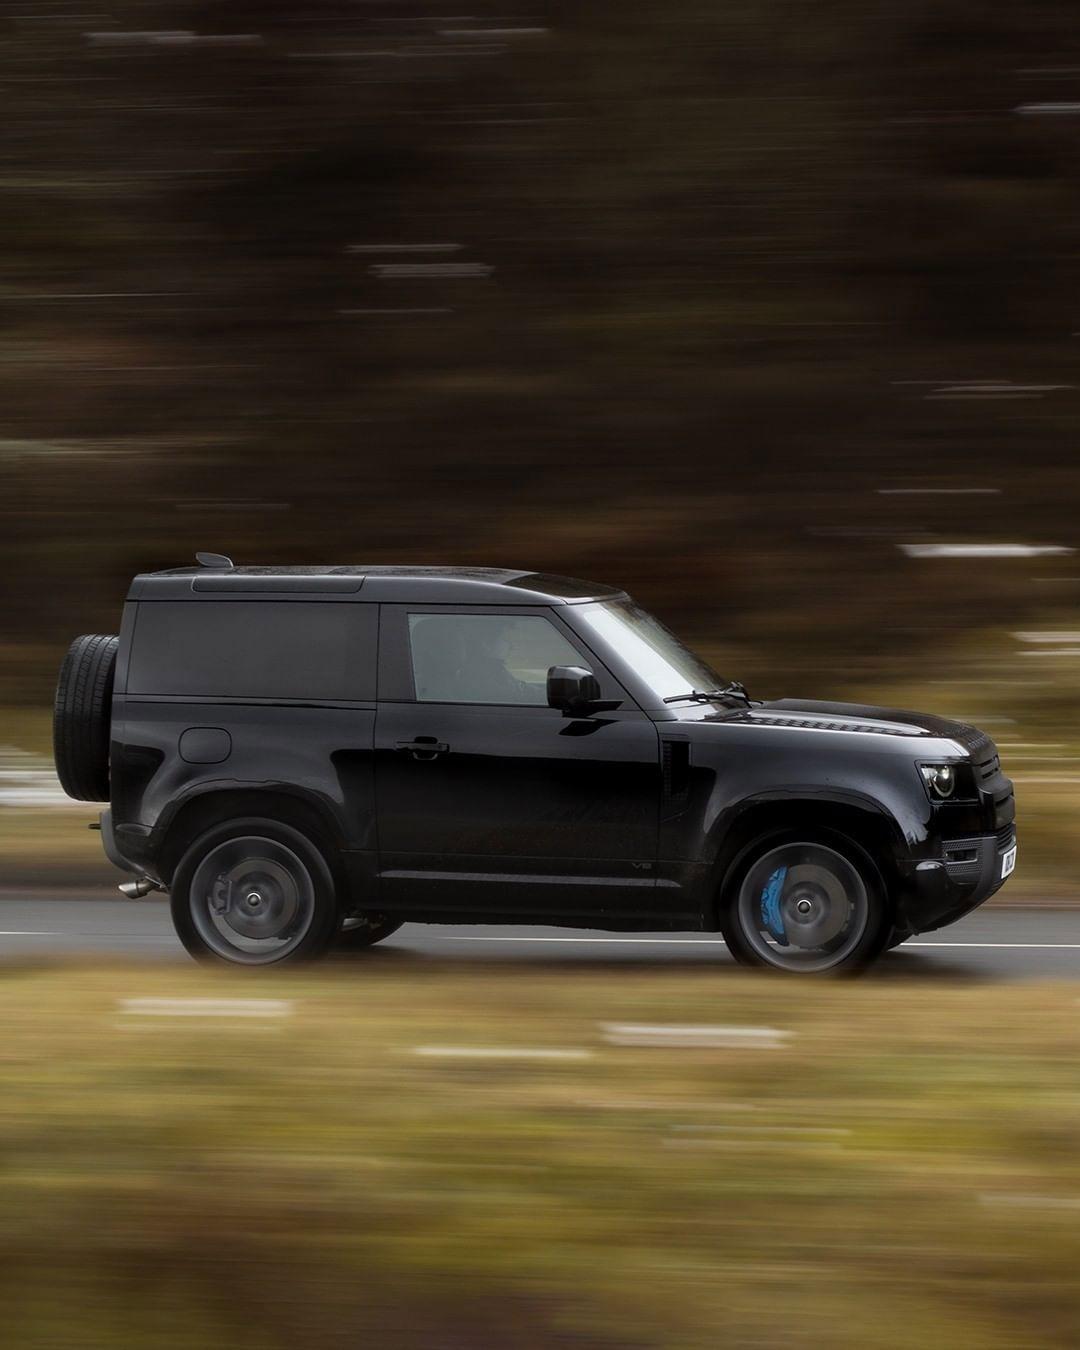 Land Rover Defender 90 V8 Supercharged.jpg